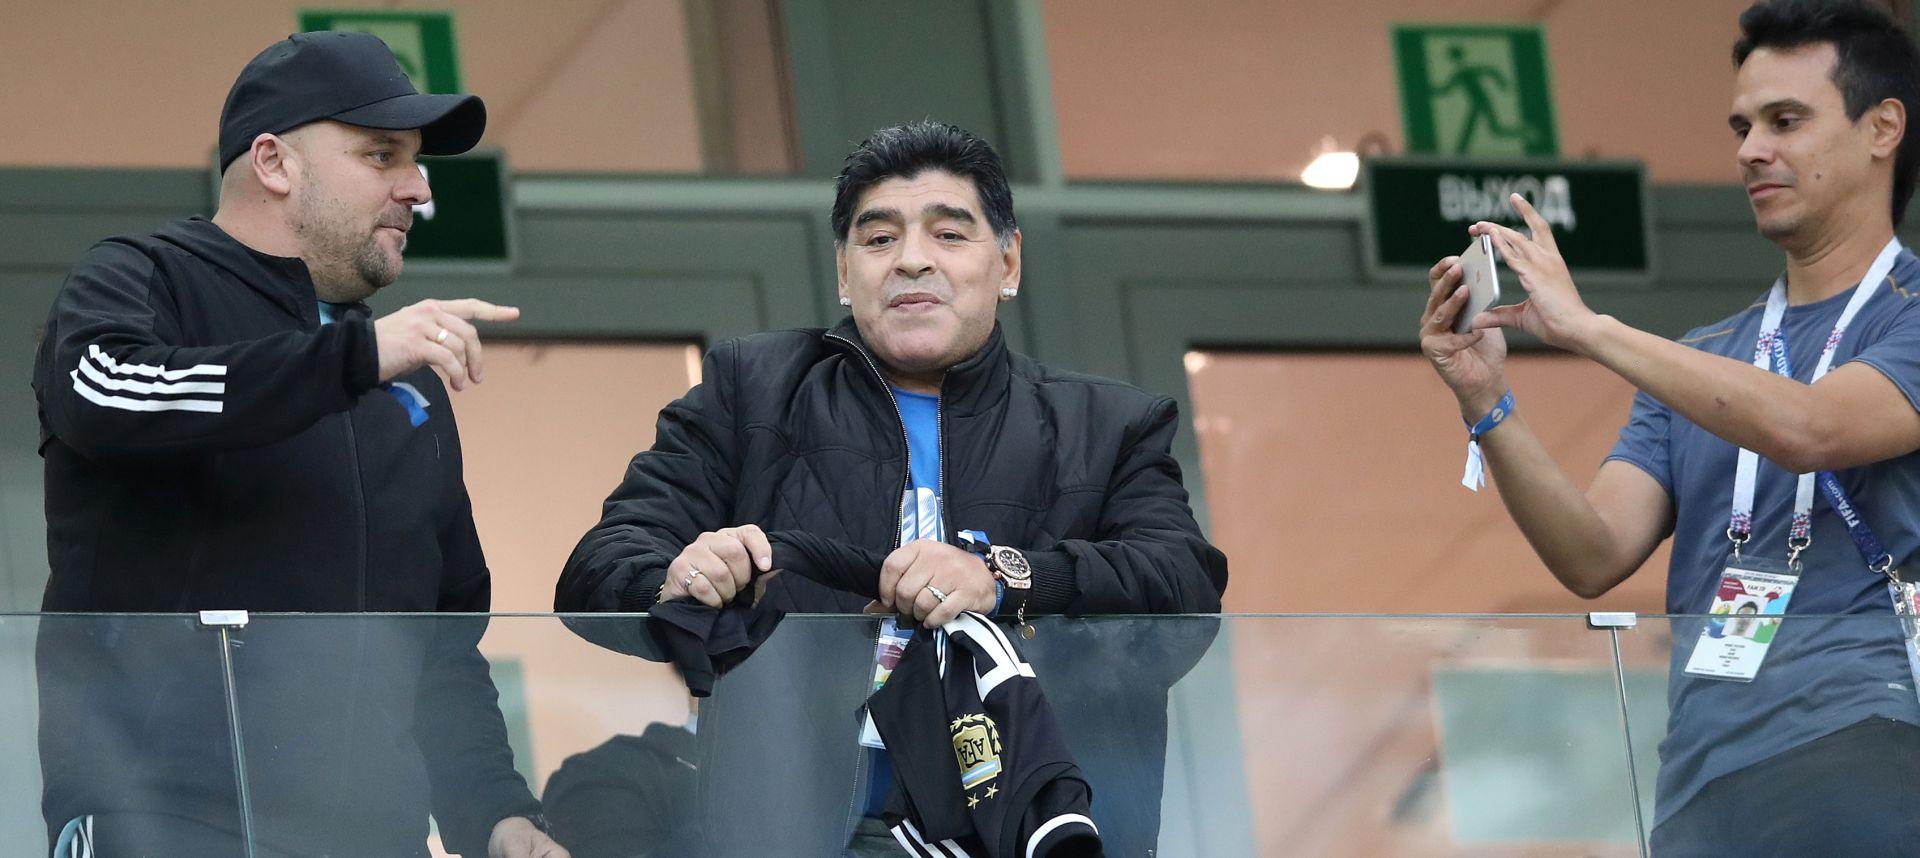 Maradona želi sastanak s igračima, kaže da je bijesan i uznemiren